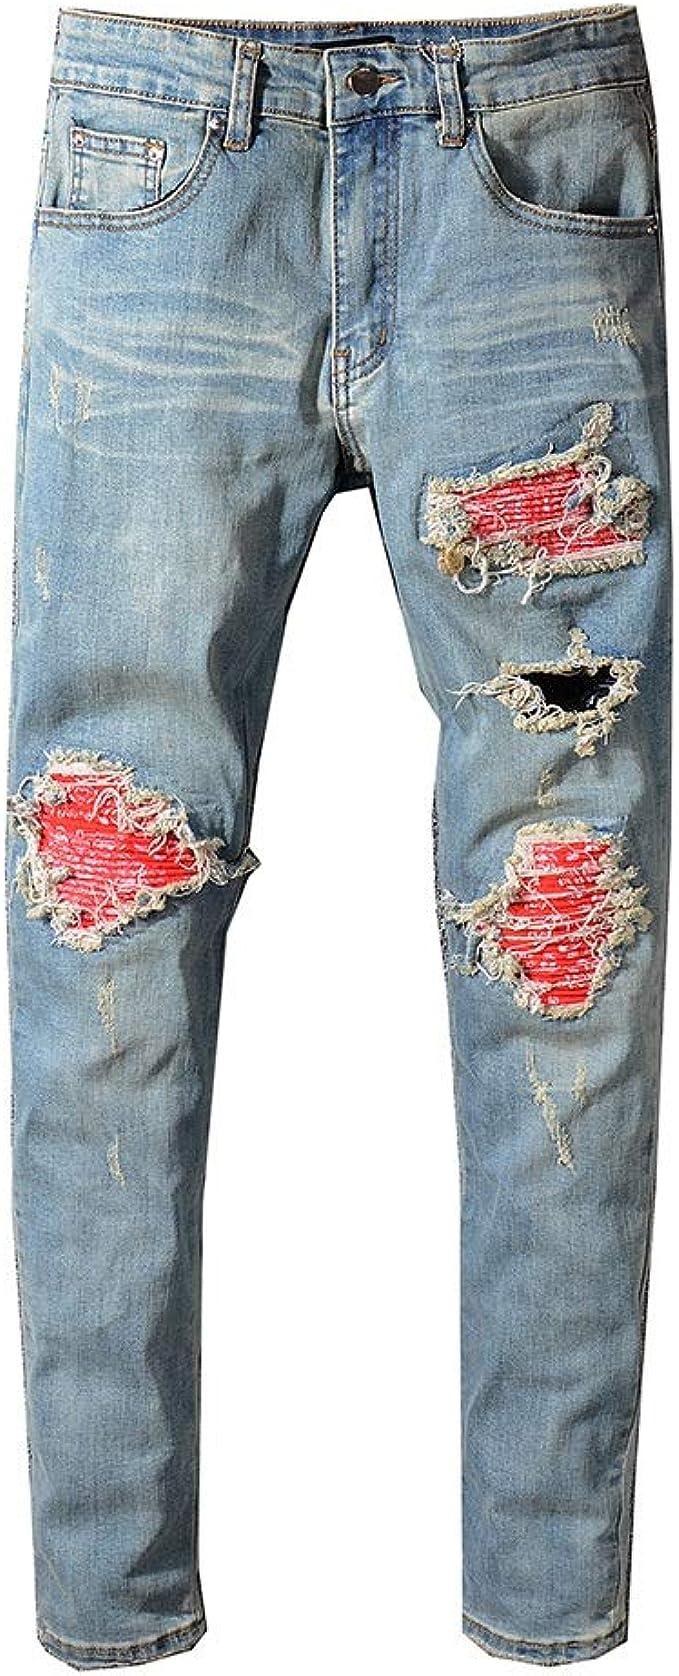 Nobrand Vaqueros Rojos Para Hombres Pantalones De Mezclilla Elasticos Rotos Con Agujeros Ajustados Amazon Es Ropa Y Accesorios